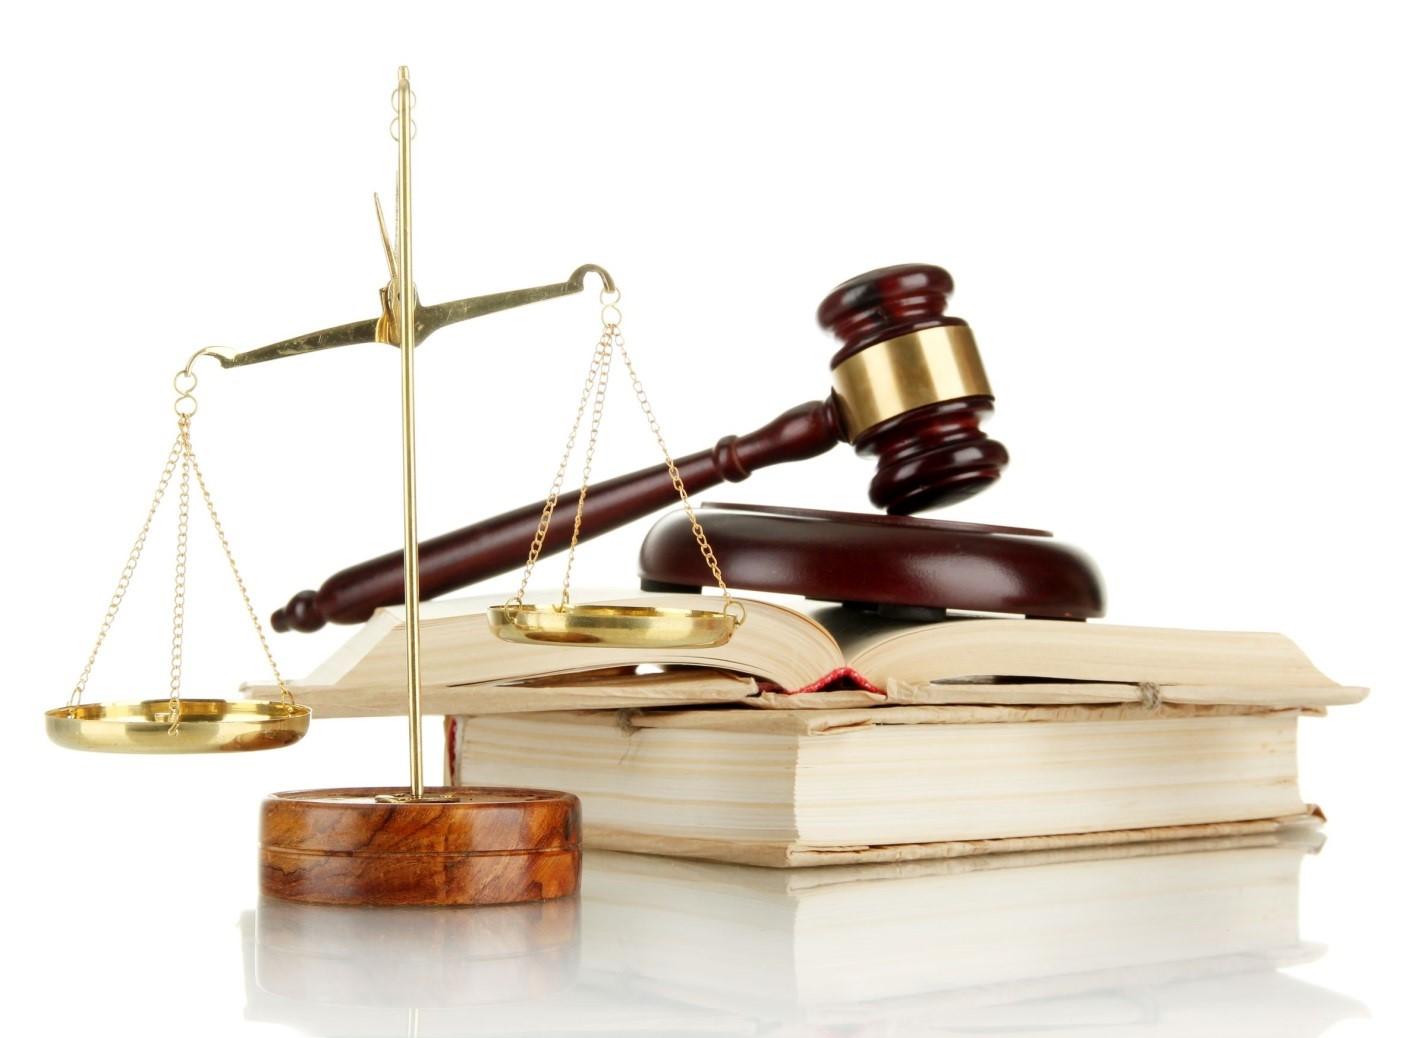 آیا می دانید رای دادگاه تجدید نظر به چه صورت می باشد؟